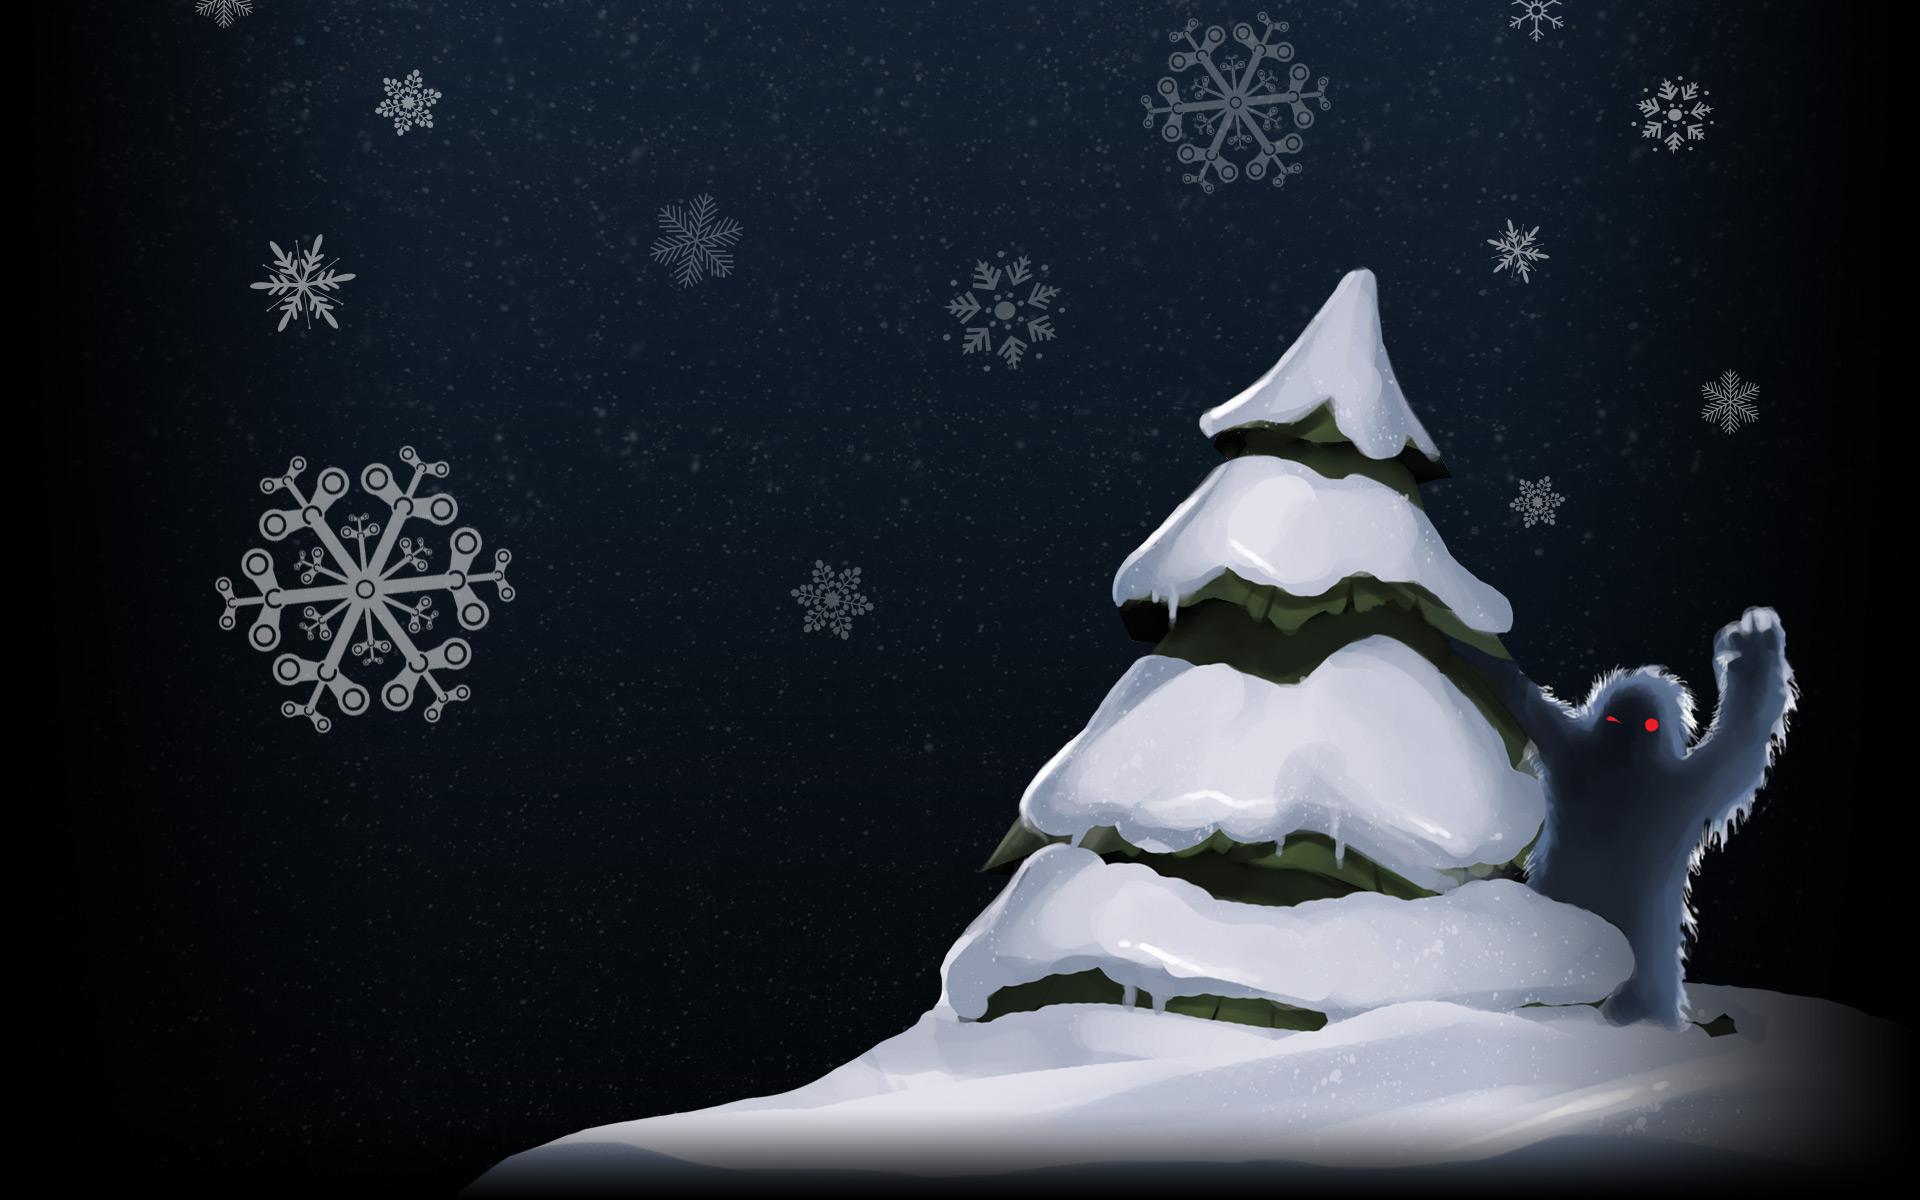 зимняя сказка  фон Fcca86f45b5b5d8d7853600a4d1c7e5cc3c72d30